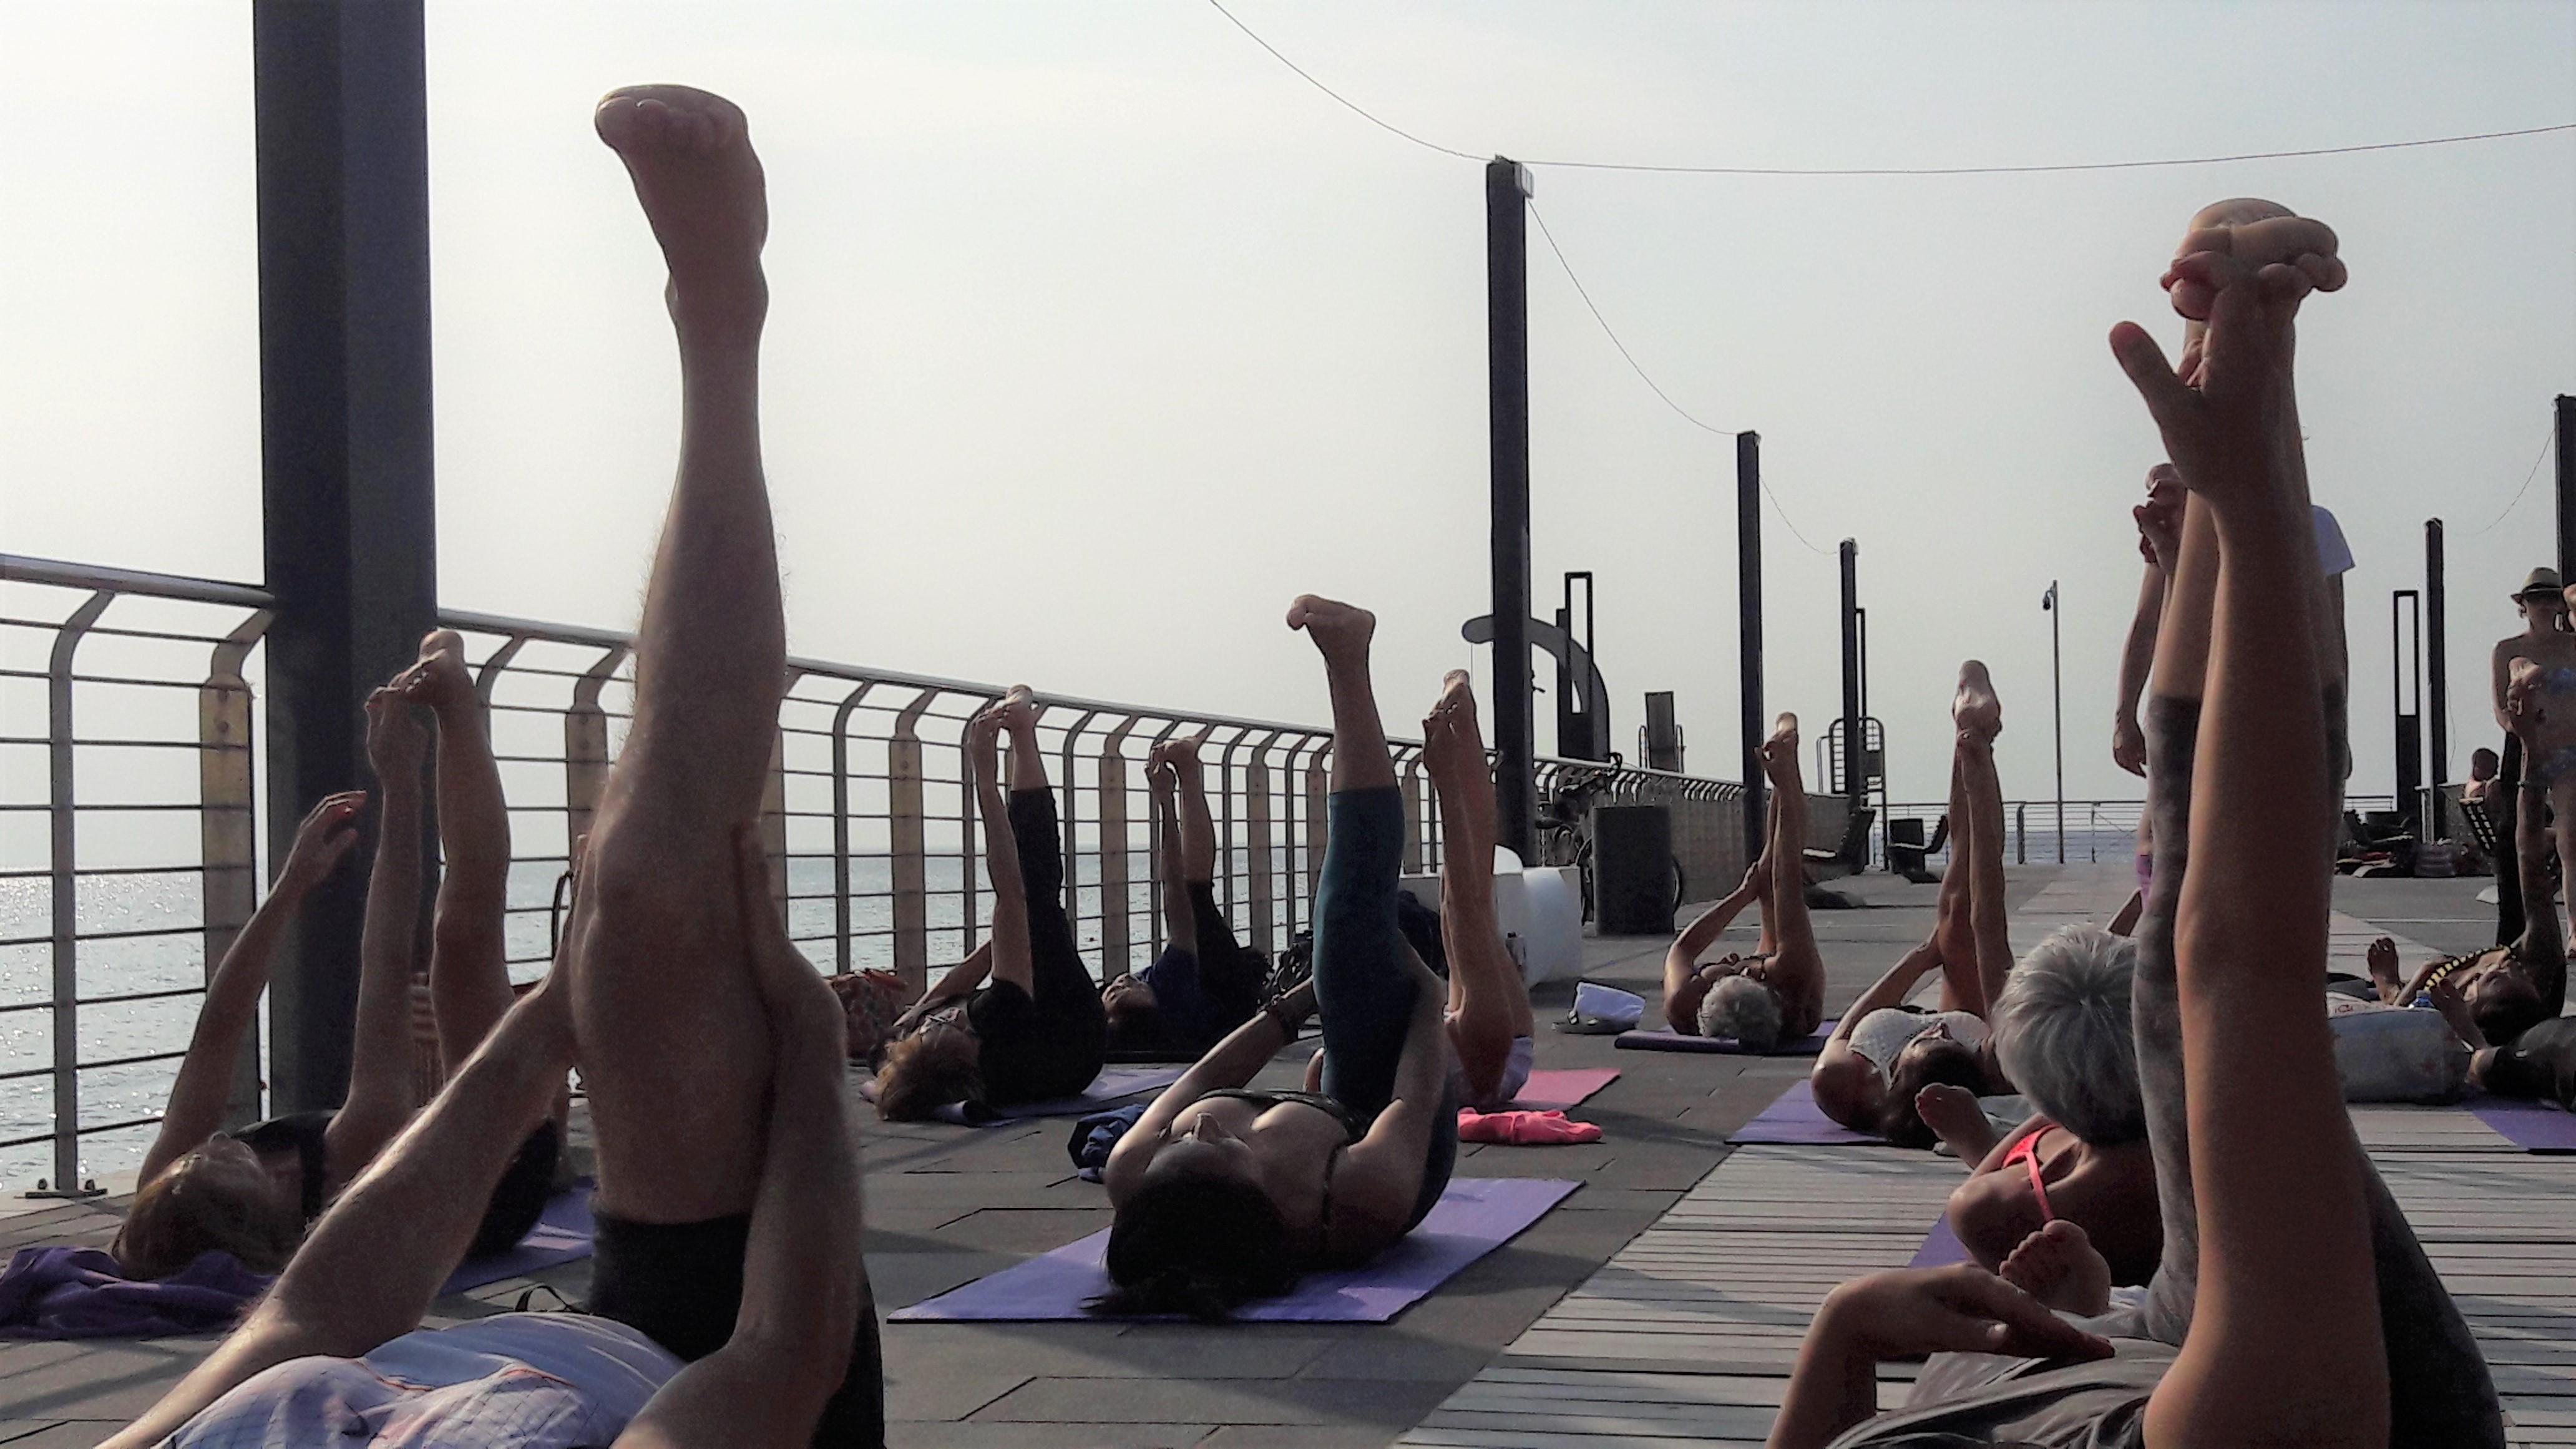 essere-free-yoga-gratuito-benessere-per-tutti-village-citta-alassio-estate-lucia-ragazzi-summer-town-wellness-035